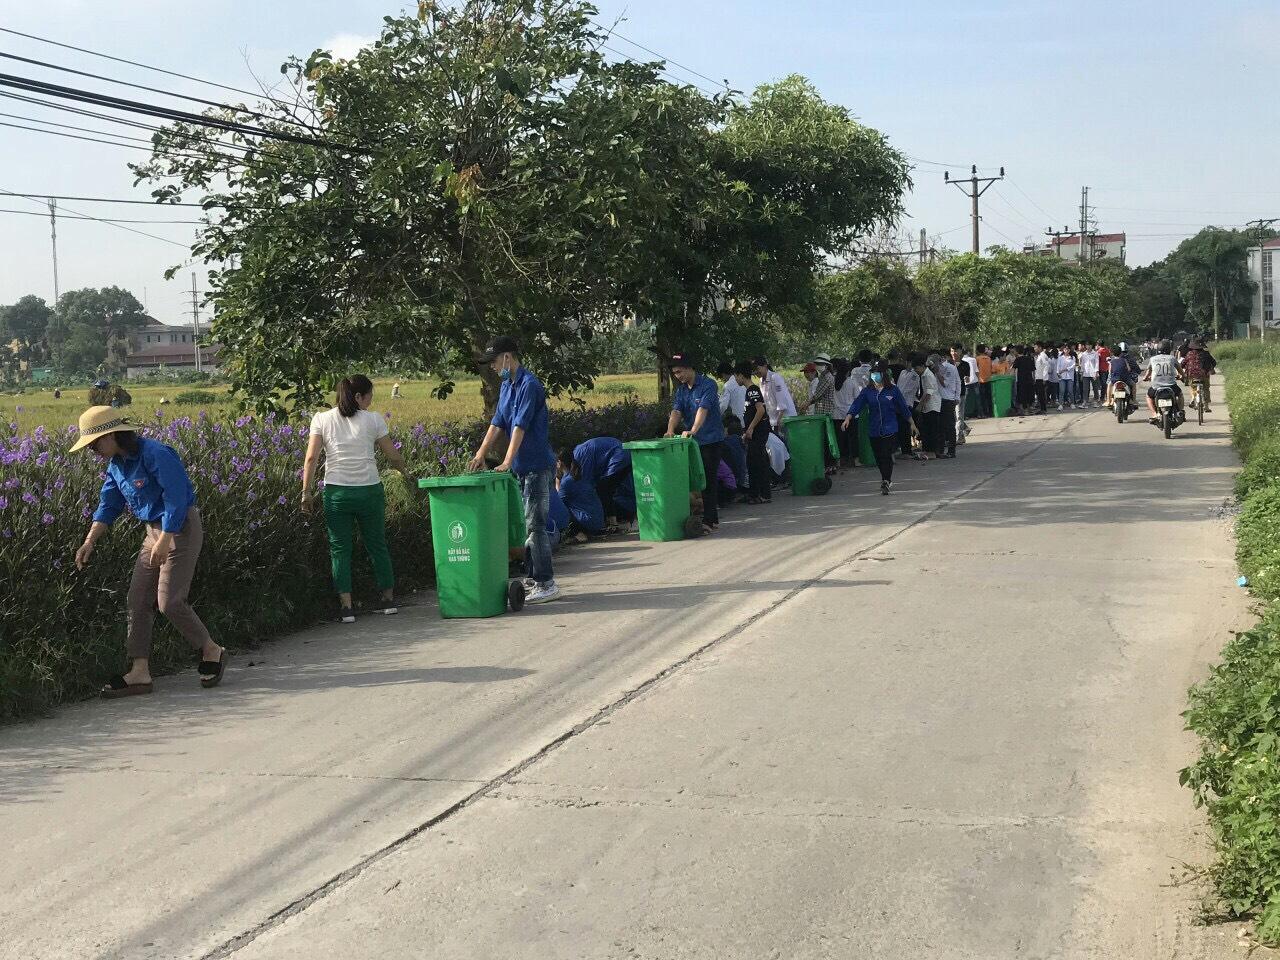 Tiên Du khẩn trương xây dựng lò đốt rác công suất nhỏ, nỗ lực cải thiện môi trường  - Ảnh 1